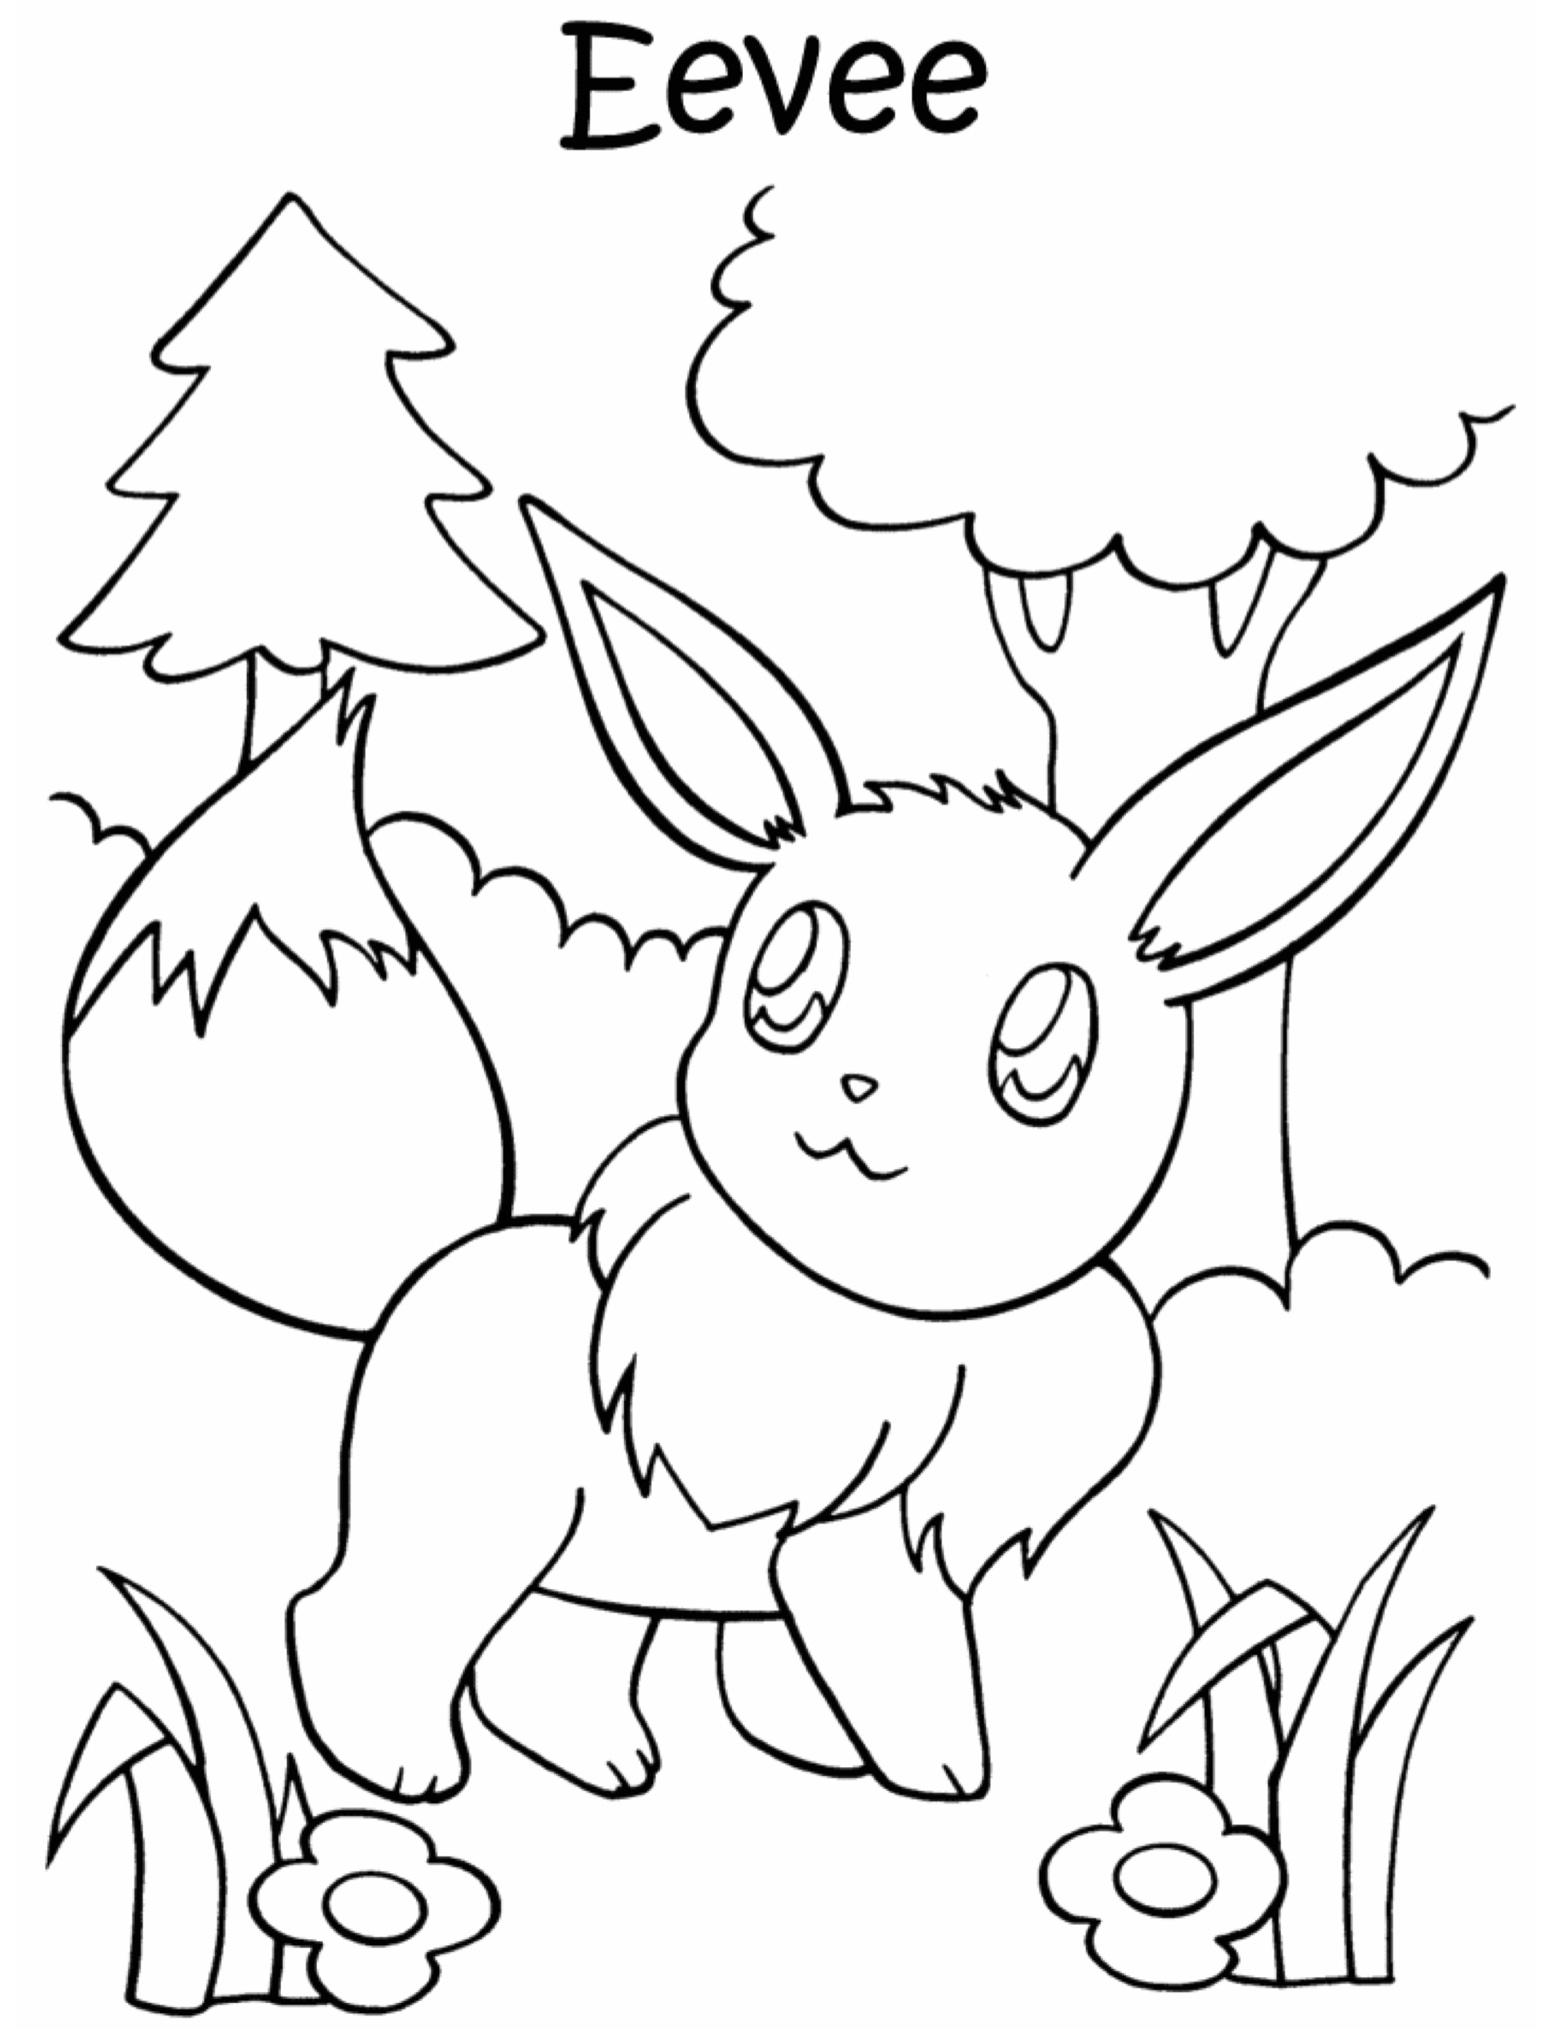 Kleurplaten Pokemon Eevee.Kleuren Nu Pokemon Eevee Kleurplaten